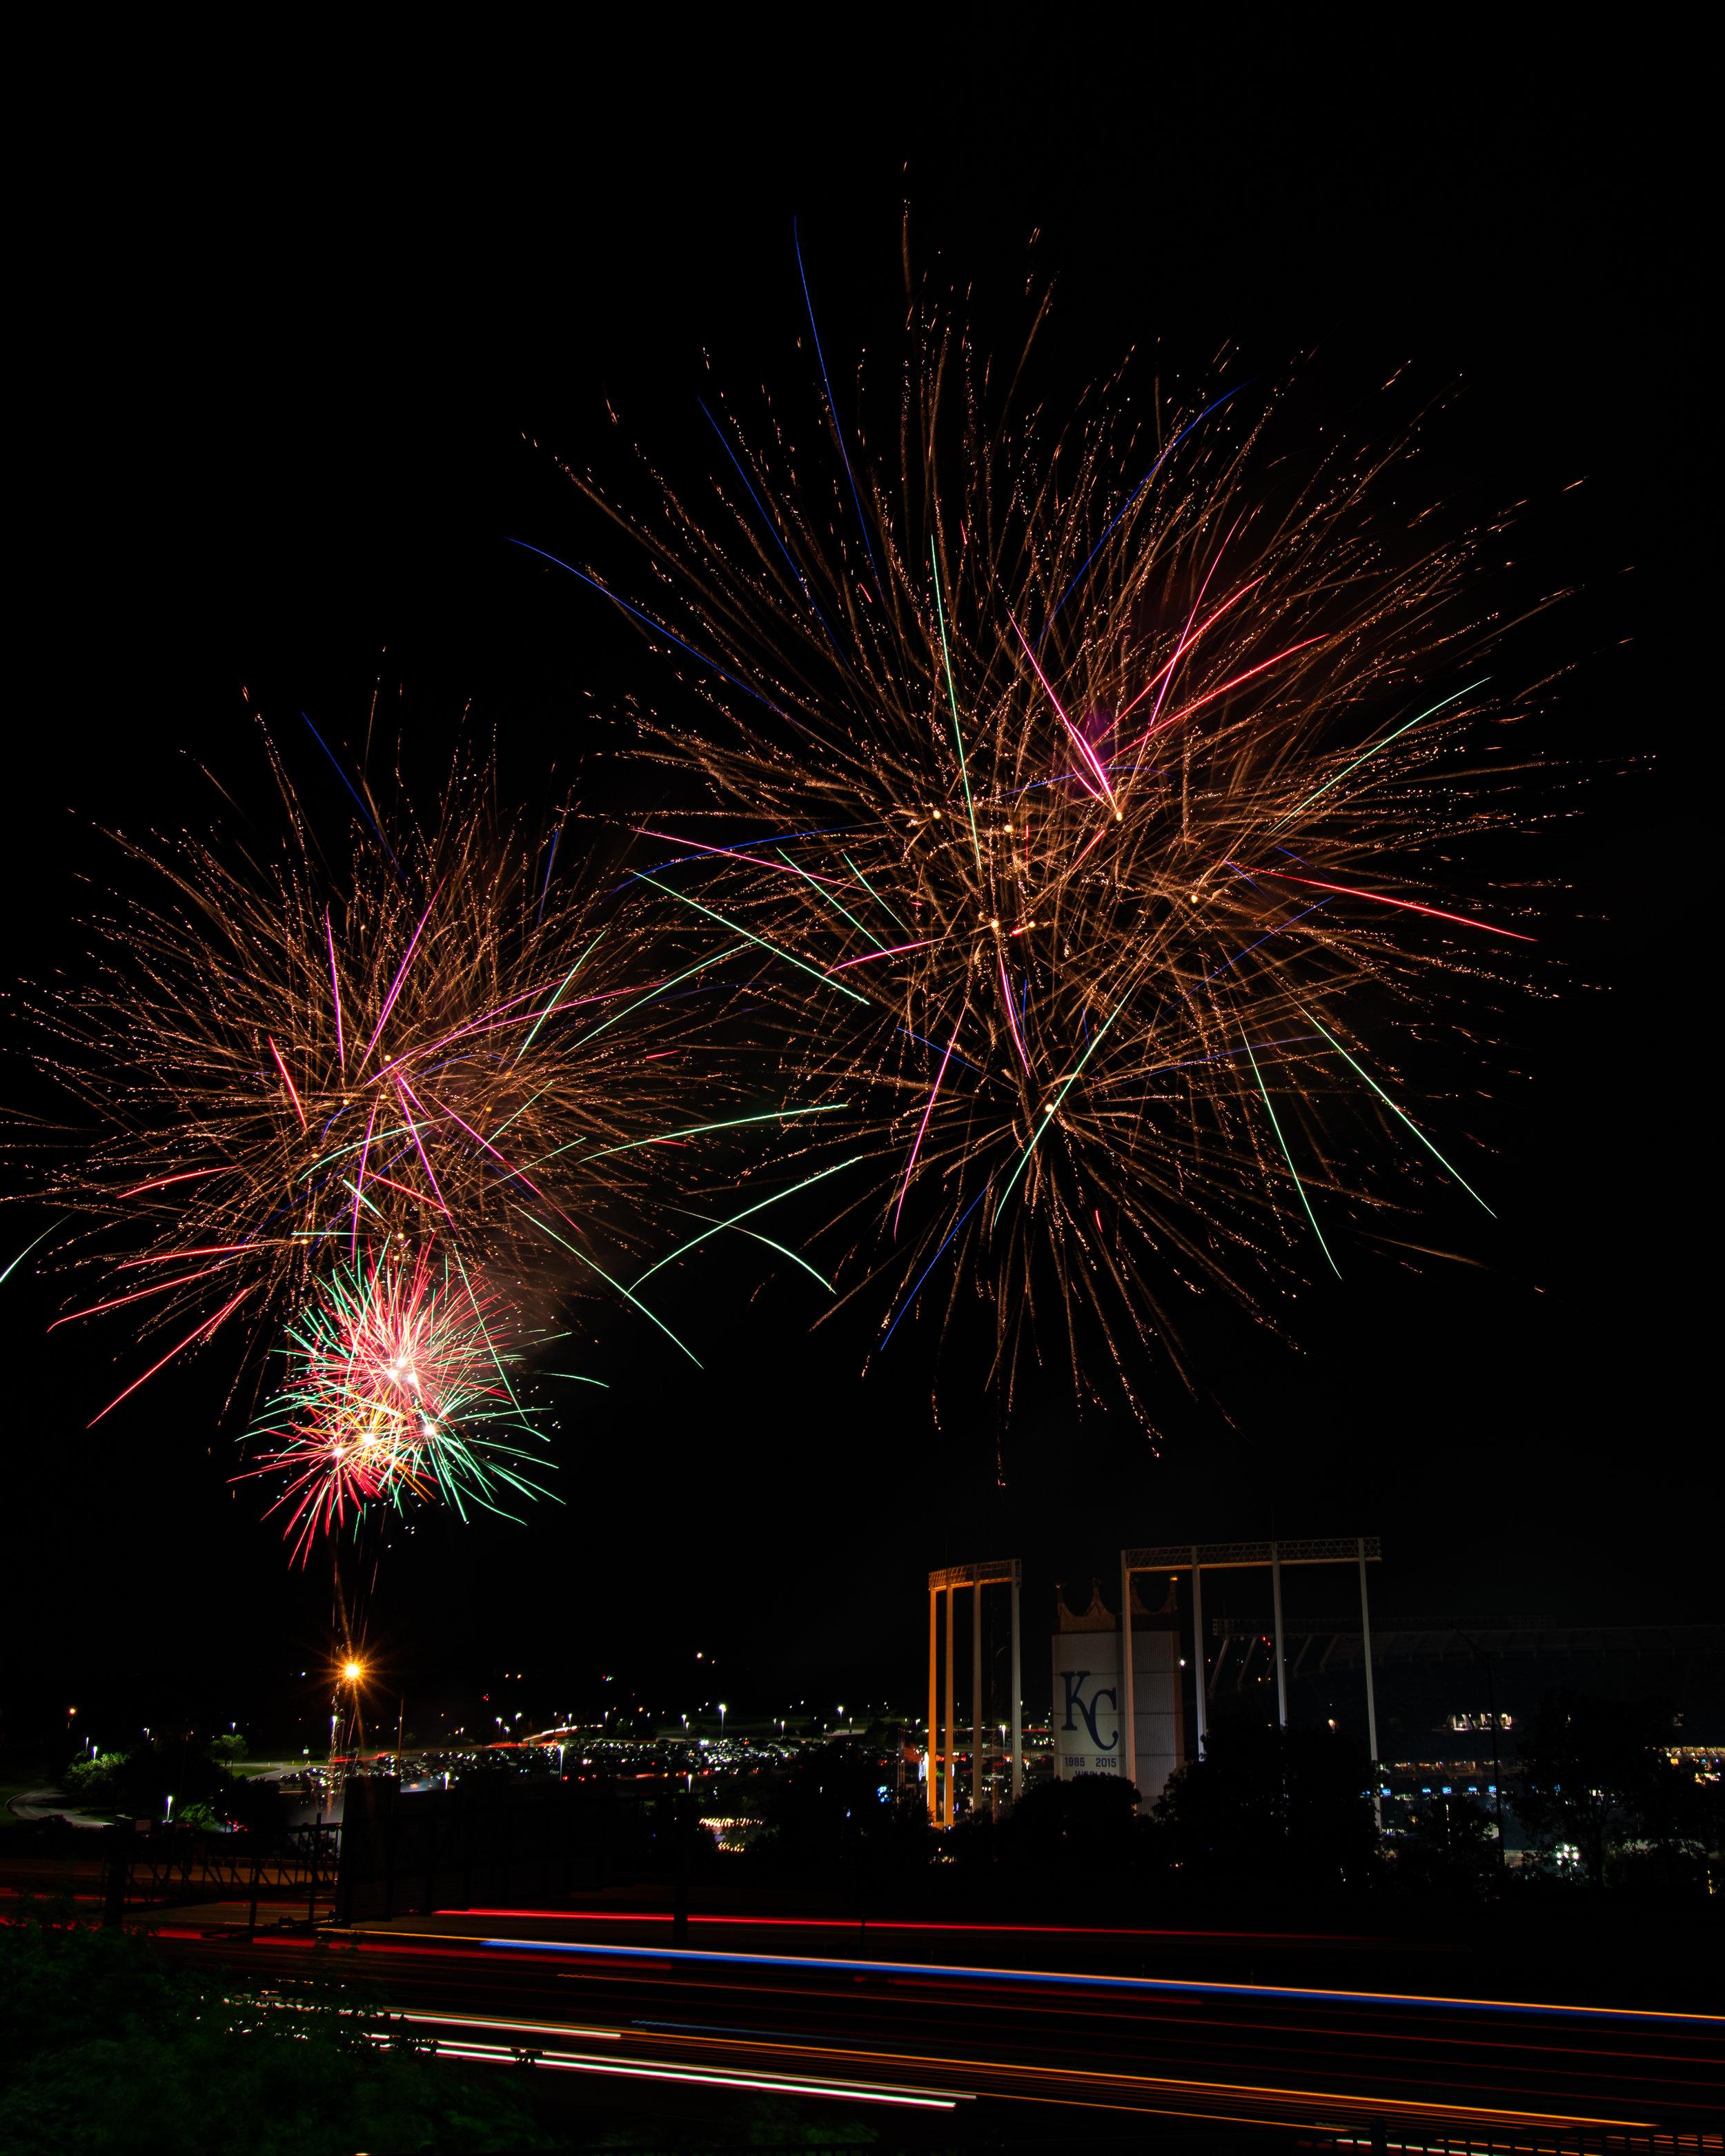 firework-friday-49-of-51_48108320698_o.jpg